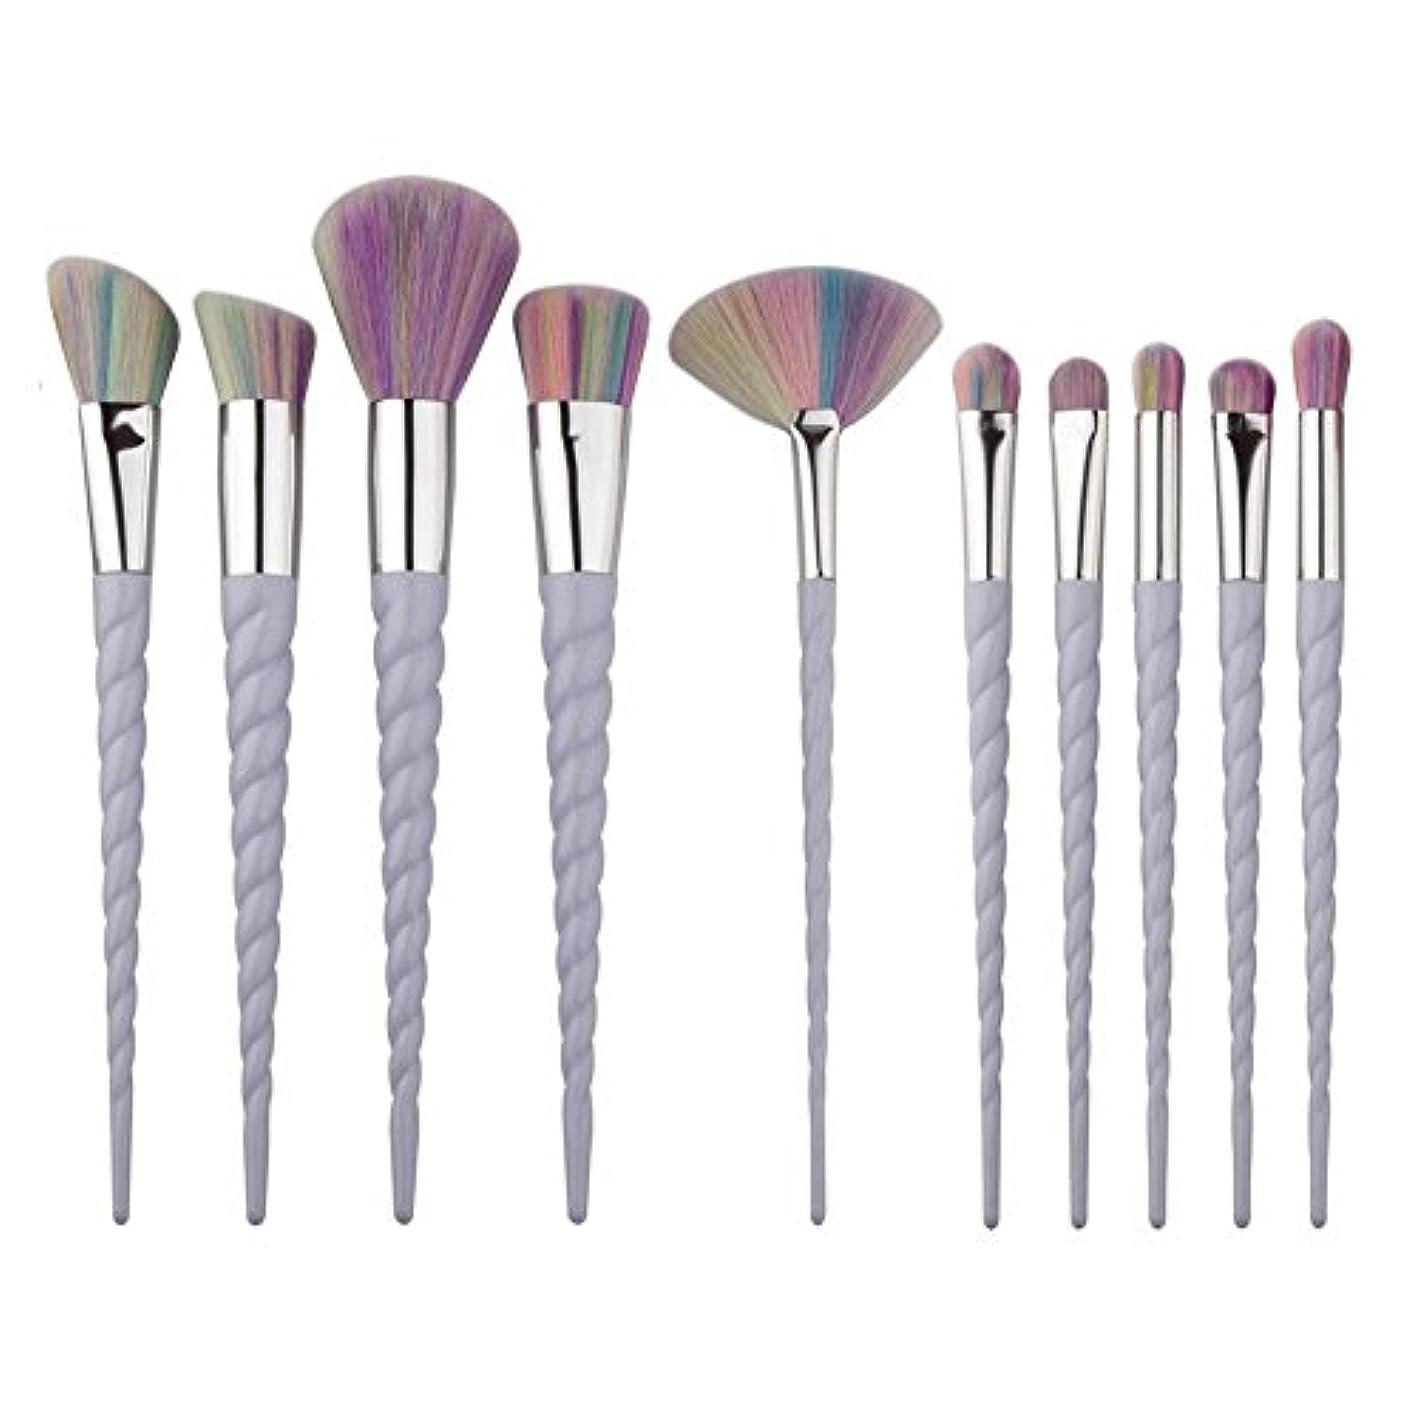 更新心理学賢明なDilla Beauty 10本セットユニコーンデザインプラスチックハンドル形状メイクブラシセット合成毛ファンデーションブラシアイシャドーブラッシャー美容ツール (ホワイト-1)